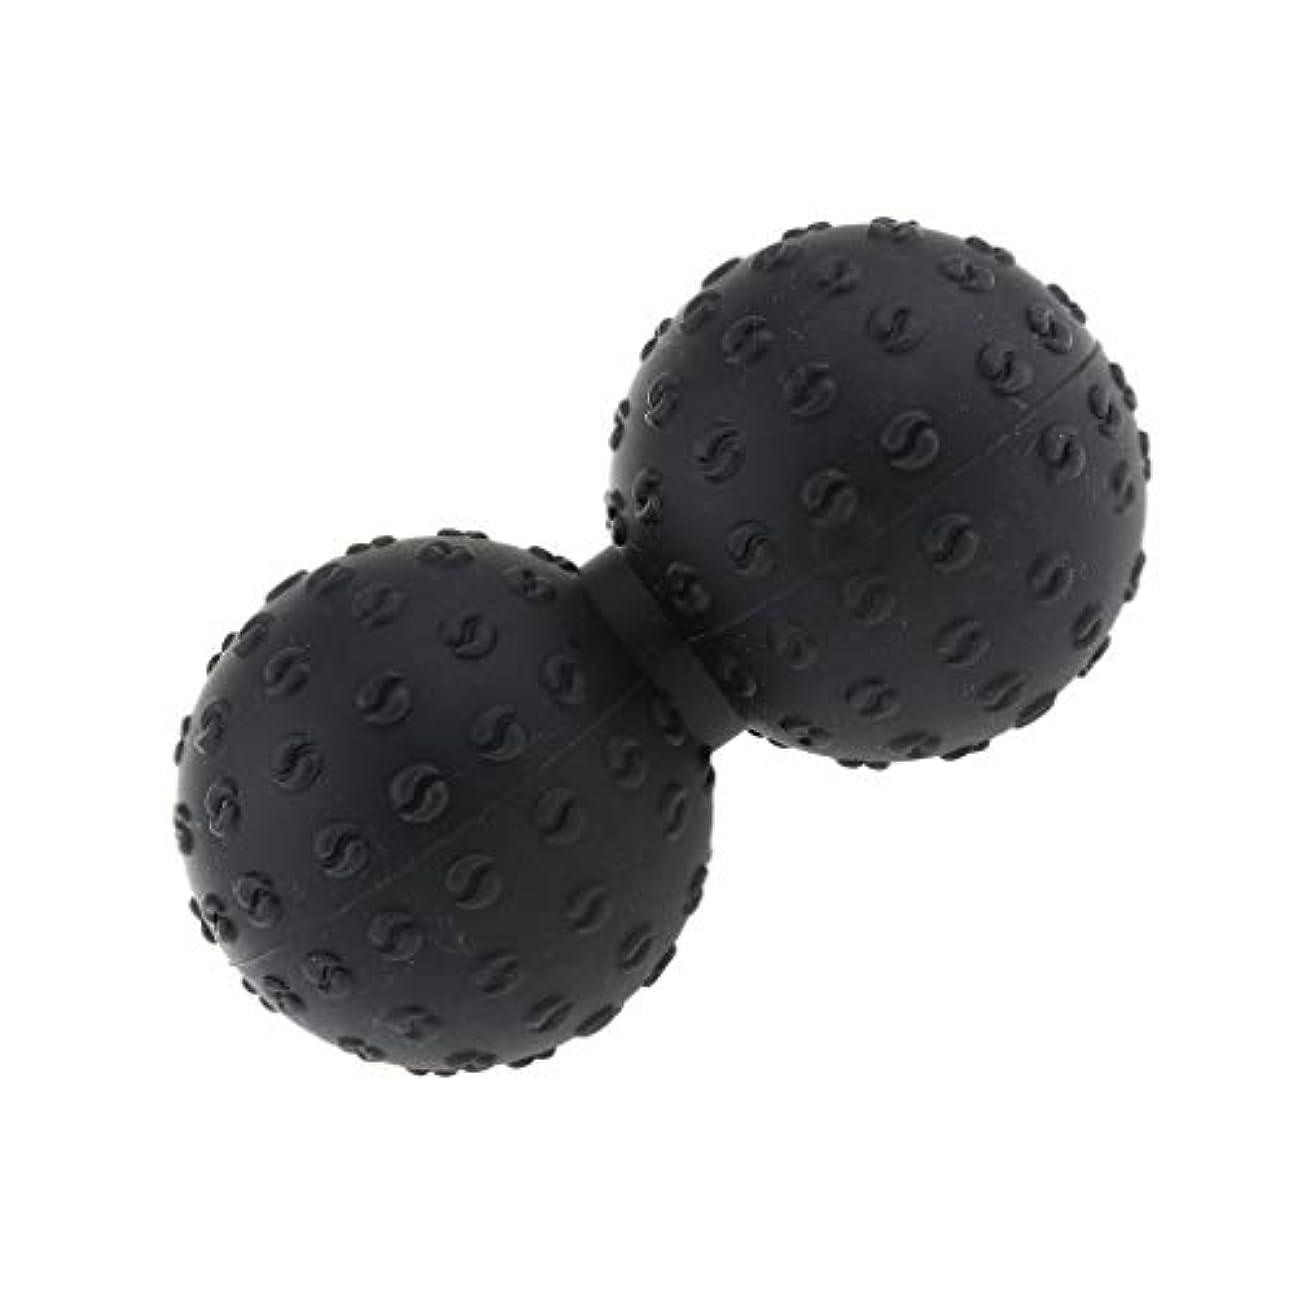 移動する結紮シートCUTICATE マッサージボール 指圧ボール シリコン ピーナッツ トリガーポイント 肩、足、腕など 解消 全6色 - ブラック, 説明のとおり